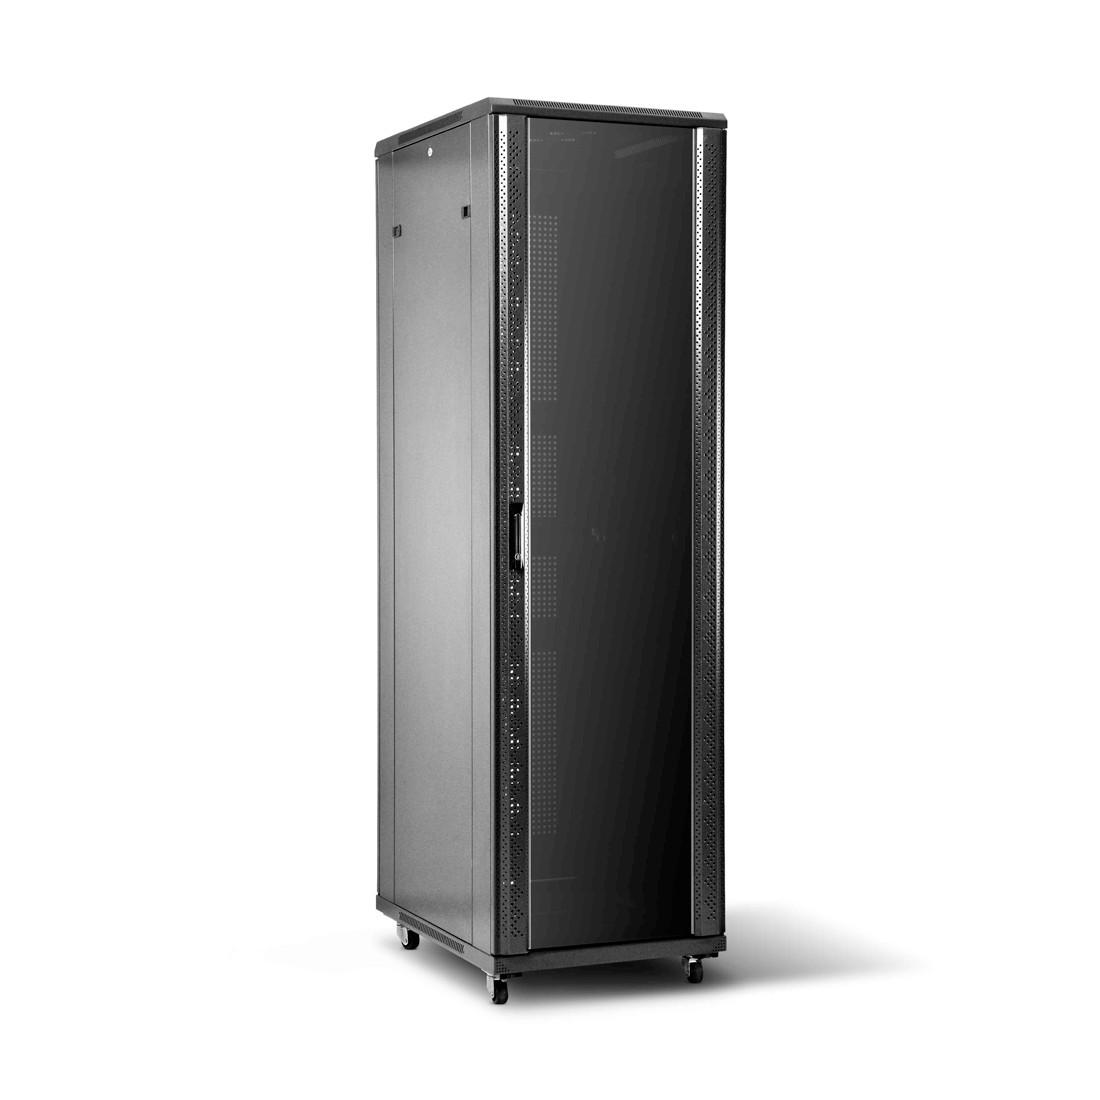 SHIP 601S.6615.24.100 Шкаф серверный 124 серия, 19'' 15U, 600*600*800 мм, Ш*Г*В, IP20, Чёрный